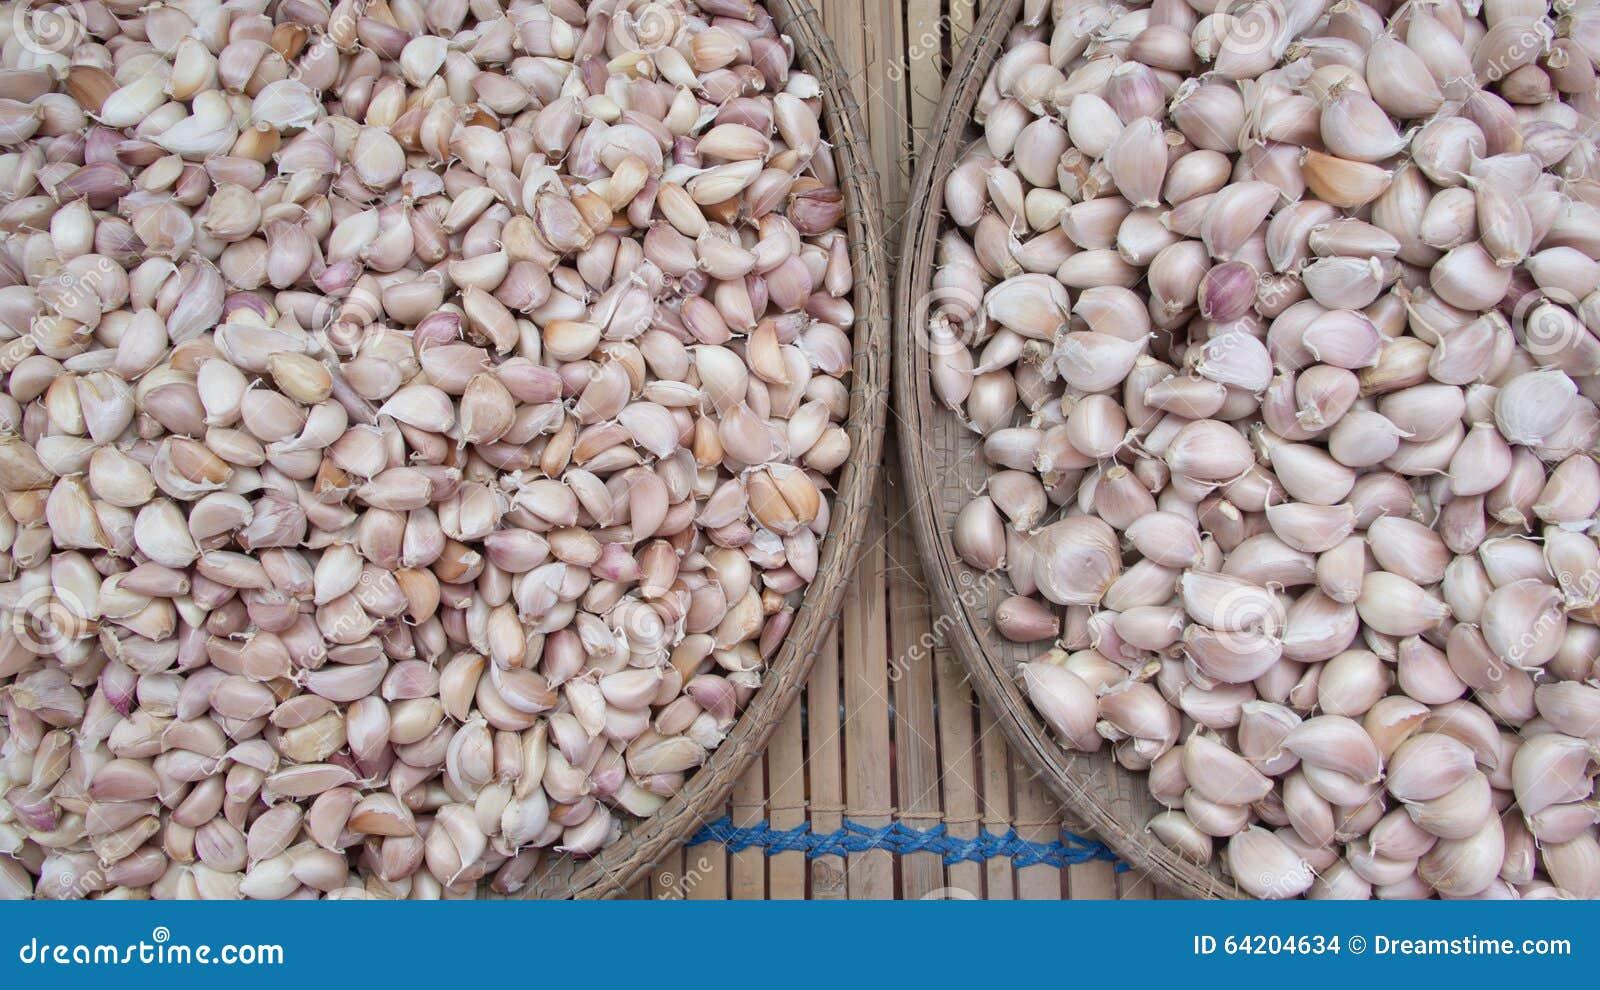 Alium sativum, conocido comúnmente como ajo, es una especie en el género de la cebolla, allium